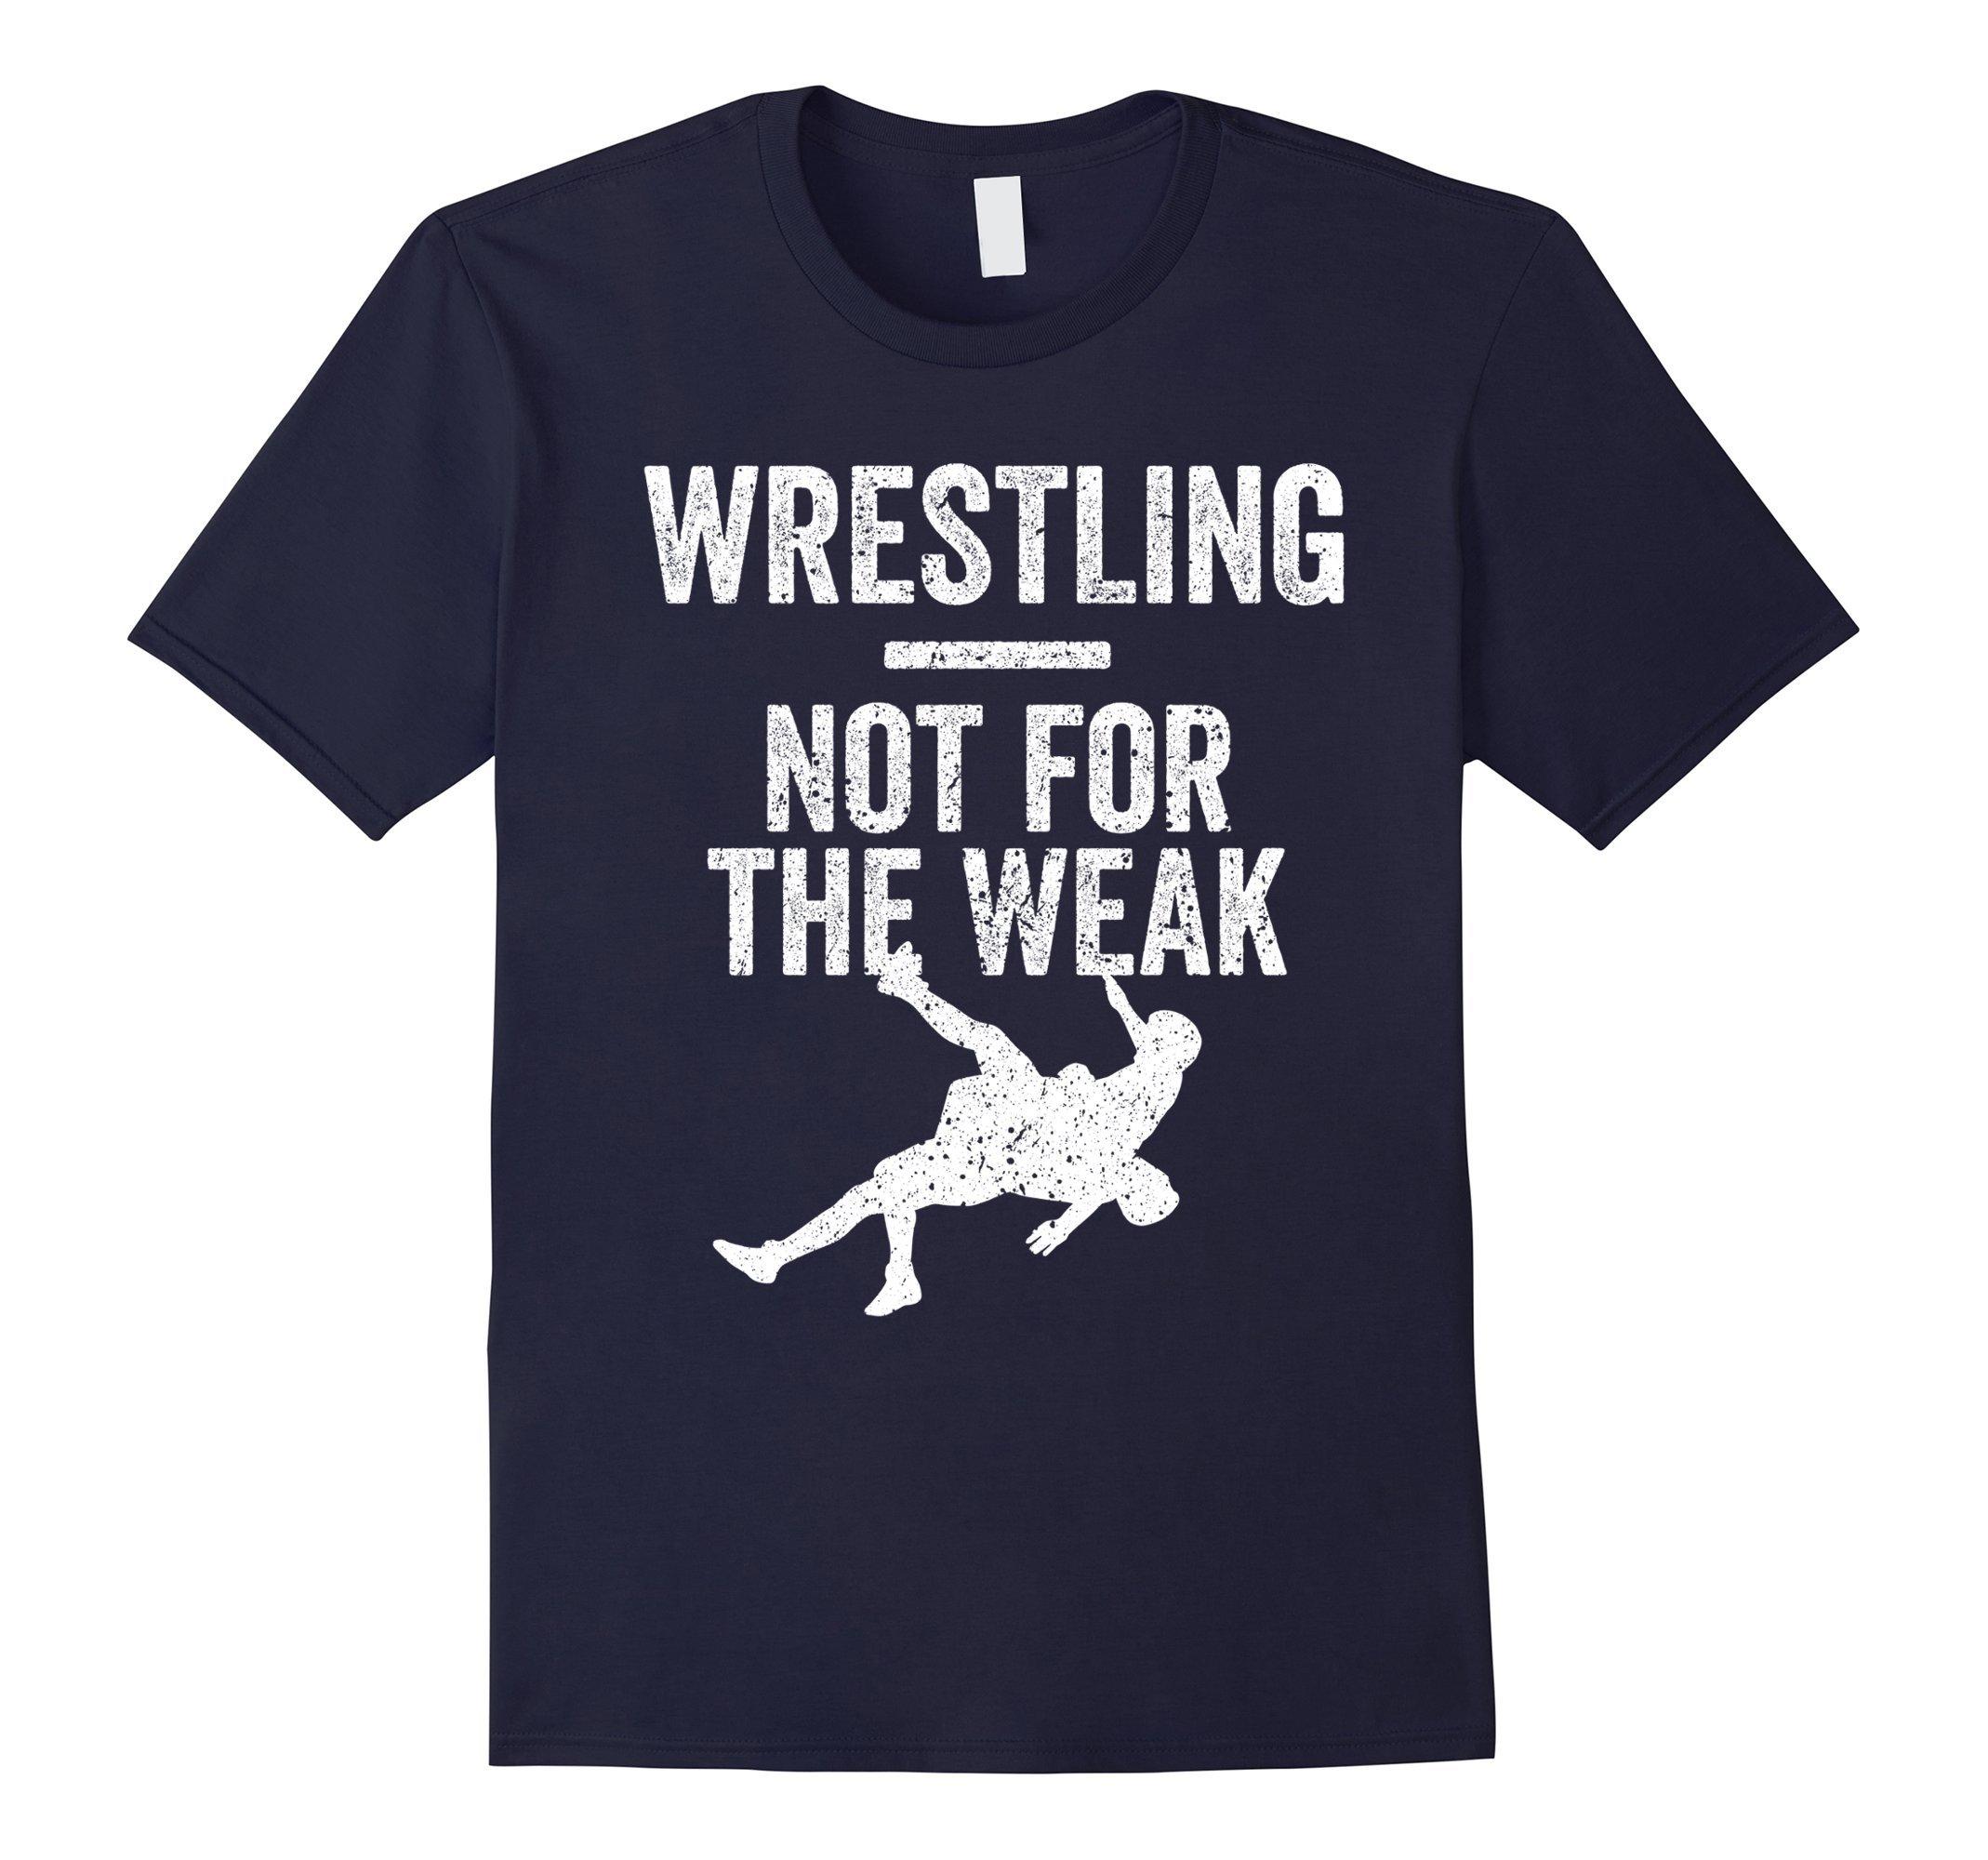 Mens Not For The Weak Wrestling Shirt for Wrestlers, Gift, White Small Navy